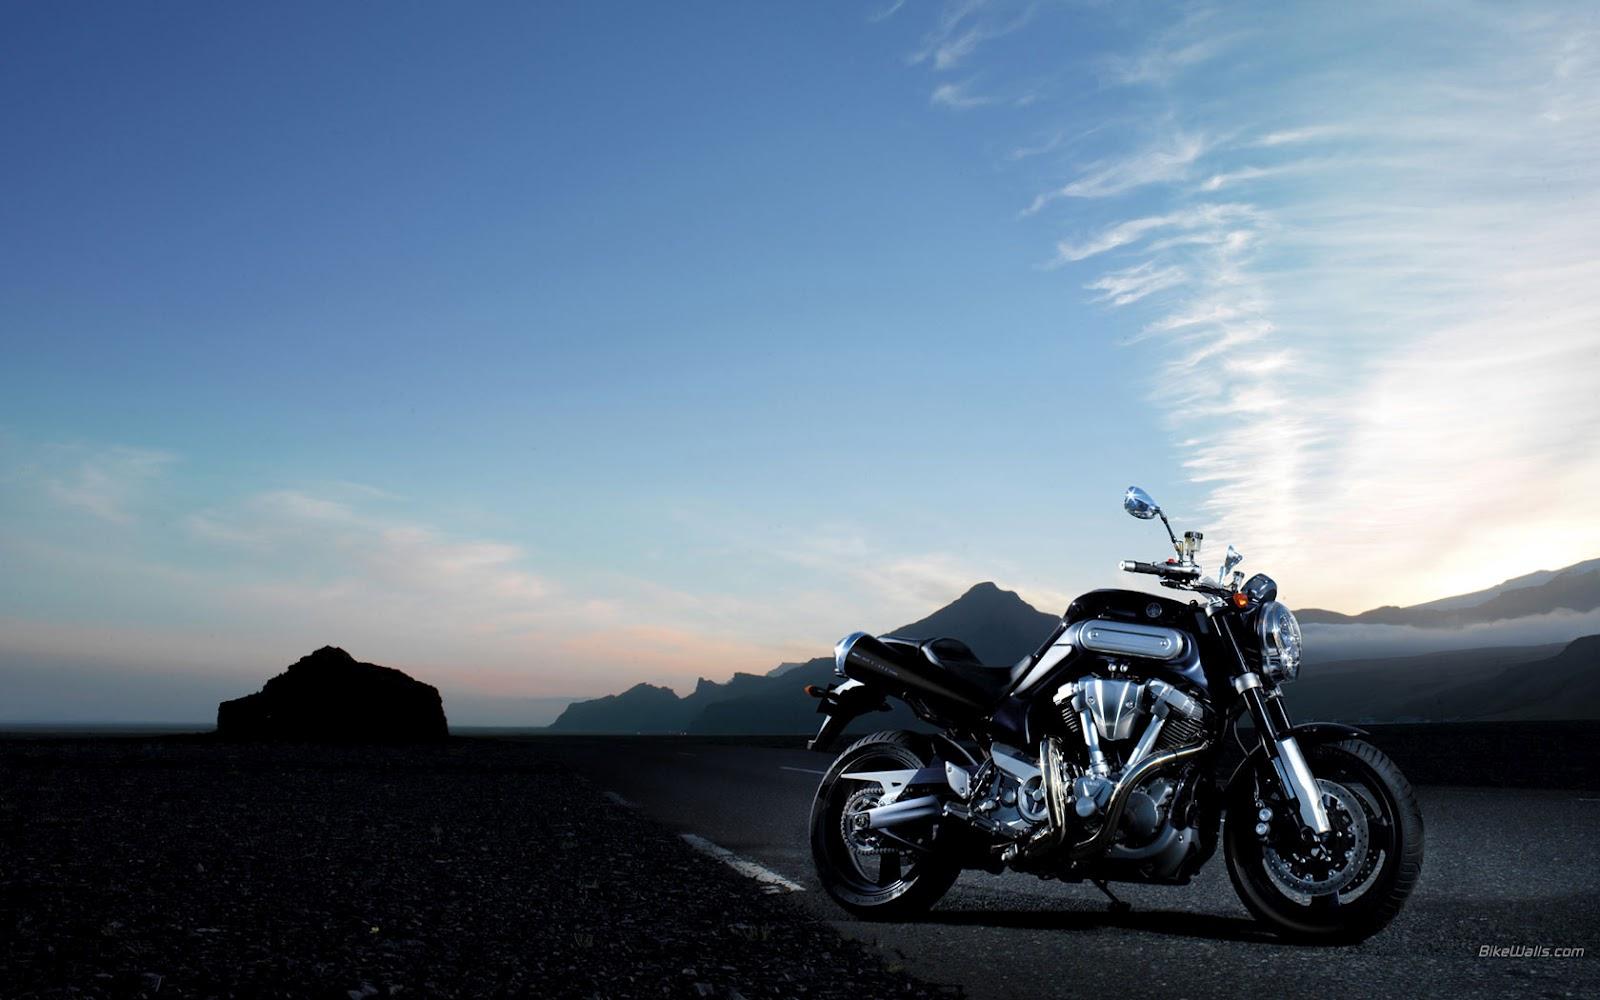 http://2.bp.blogspot.com/-seNZfsub6Uo/T0qPhy3CmcI/AAAAAAAAA_E/x2wERpInAiE/s1600/HD+Mix+Bikes+2012+%25286%2529.jpg